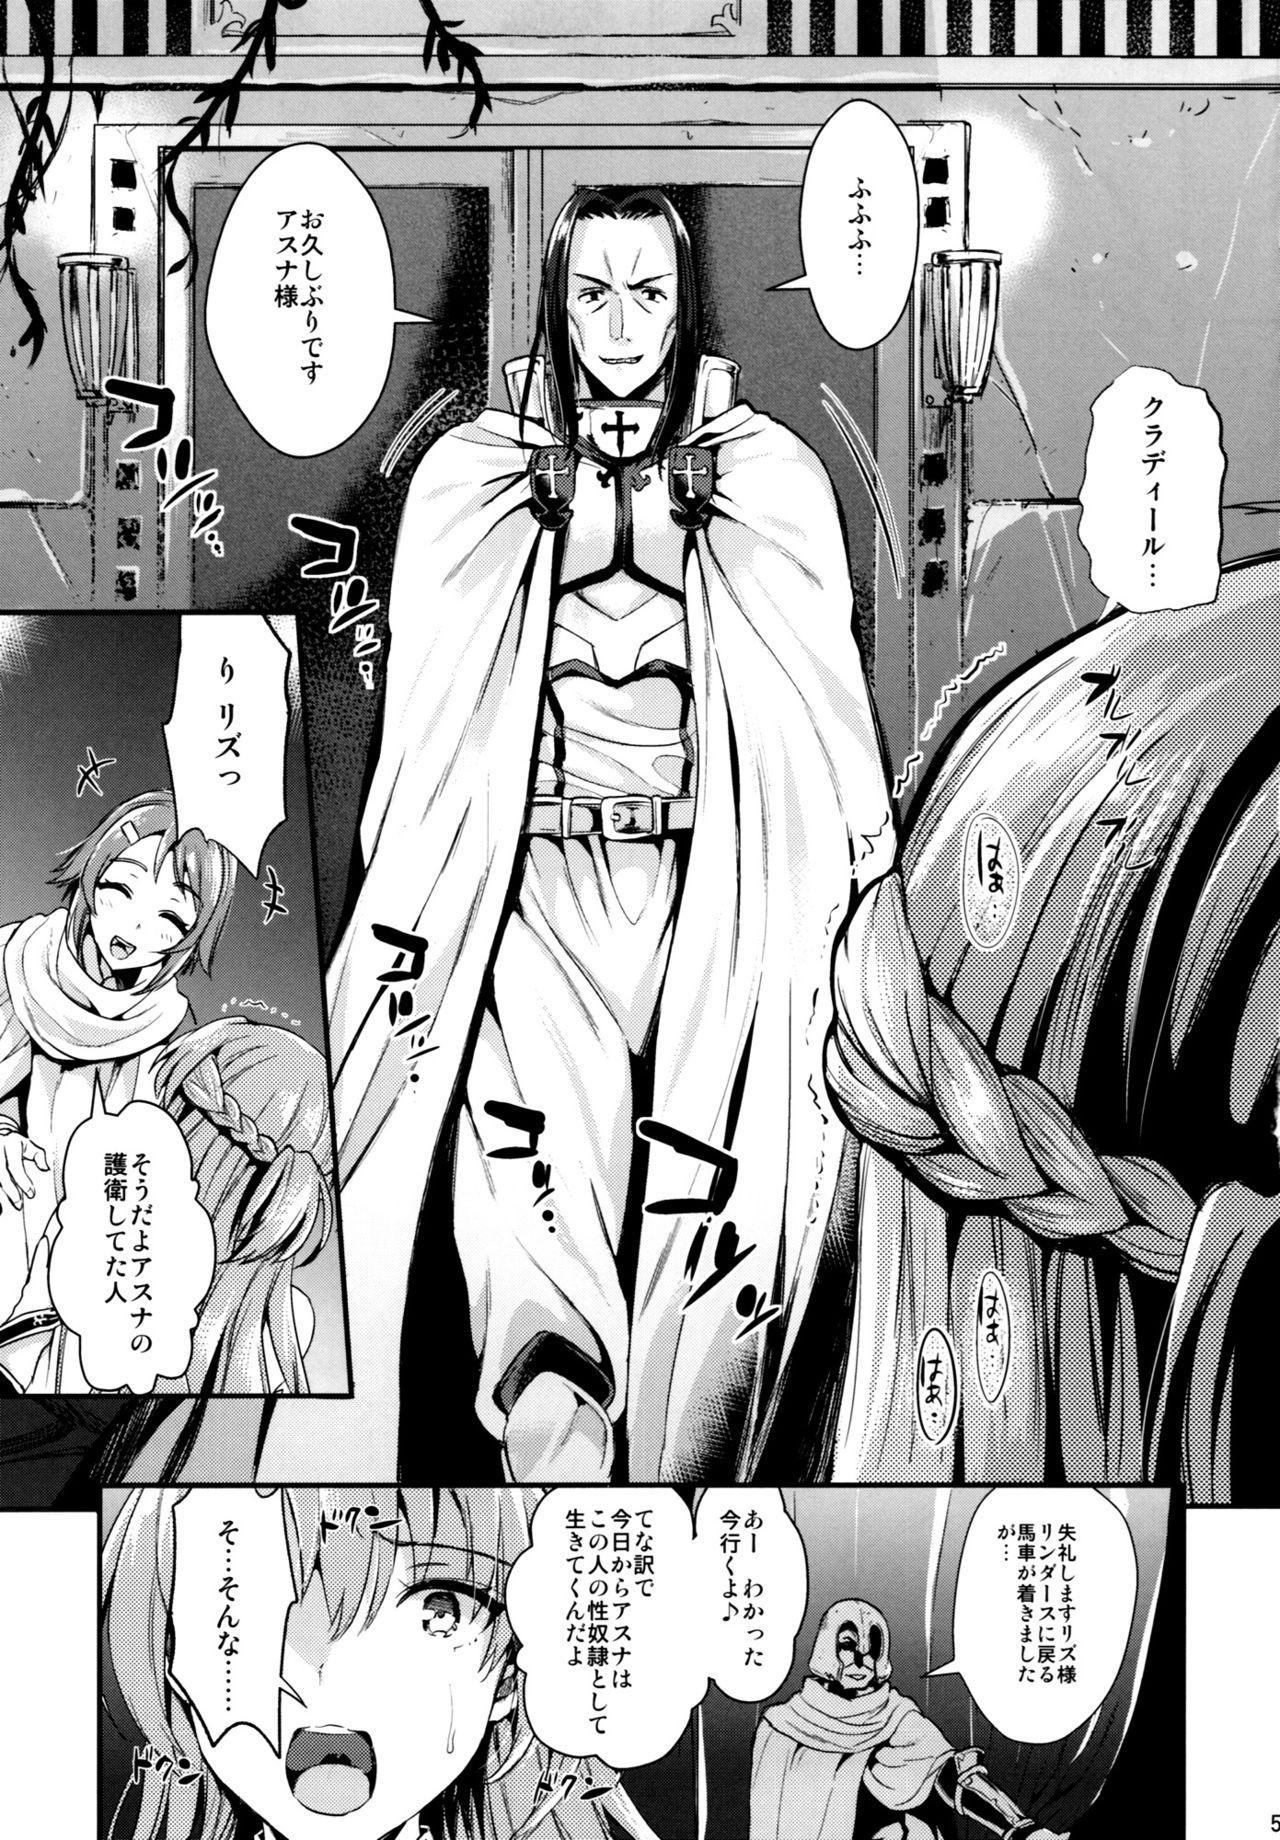 Shujou Seikou 2 NTR Hen 3